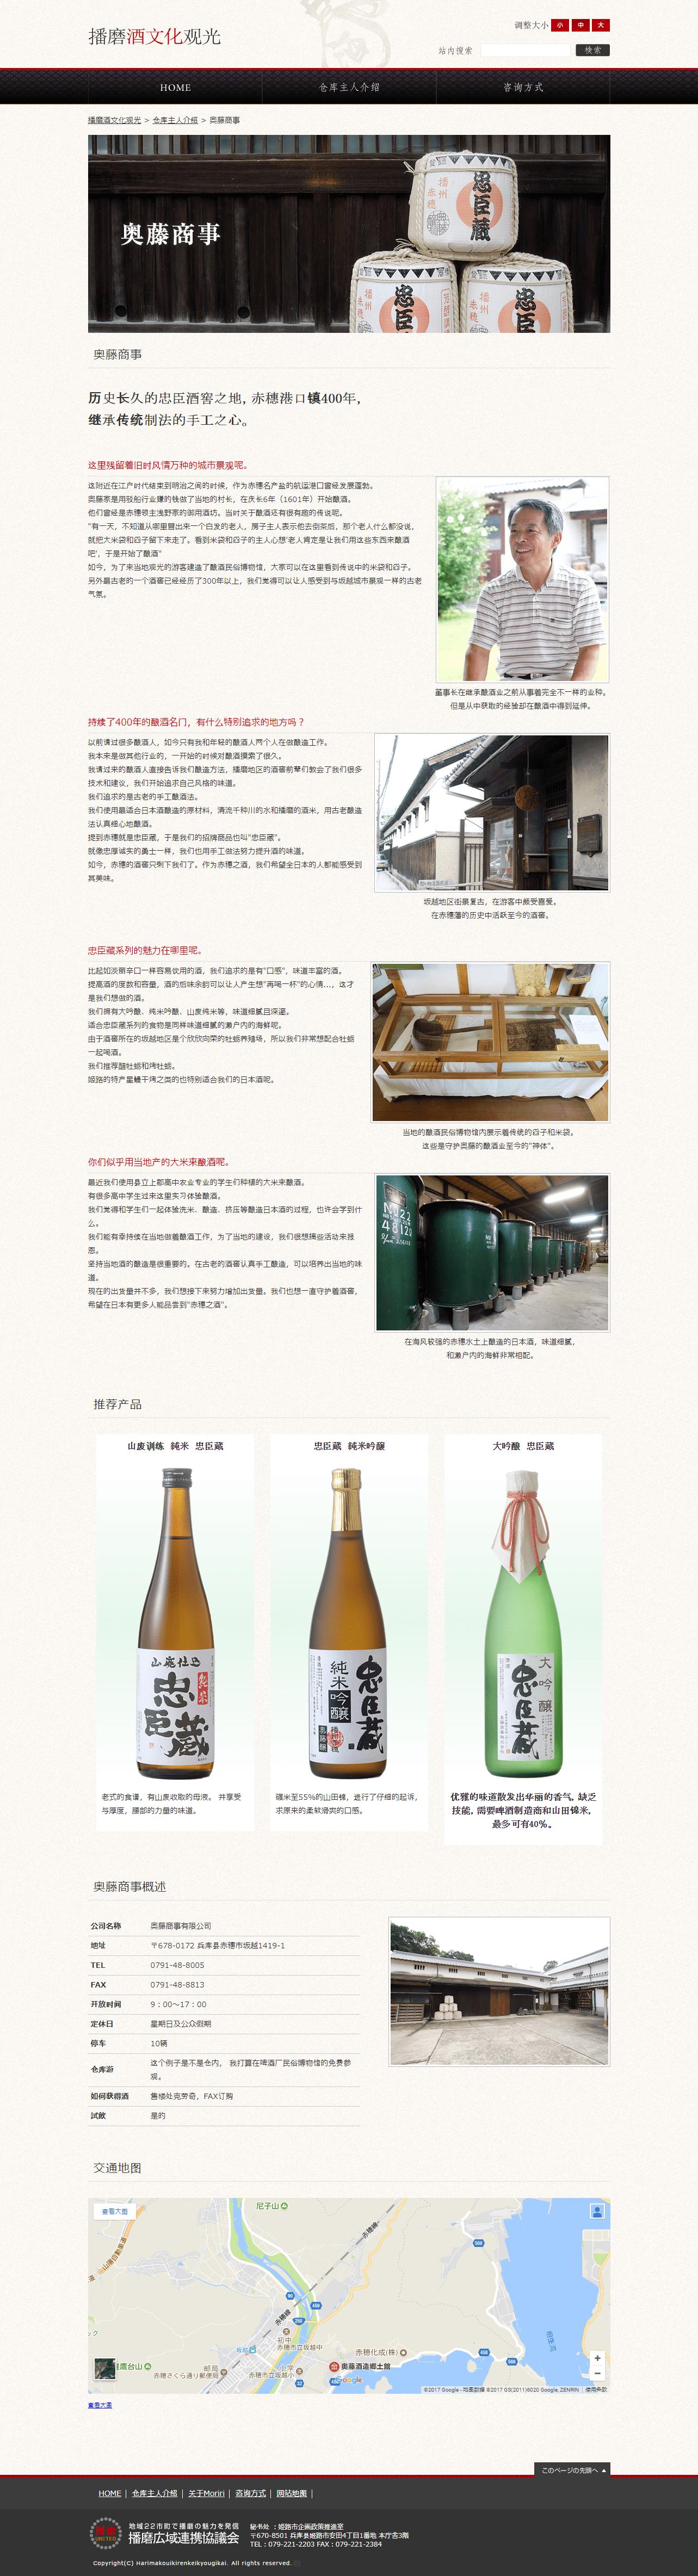 姫路市 播磨広域連携協議会 はりま酒文化ツーリズム 中国語サイト2